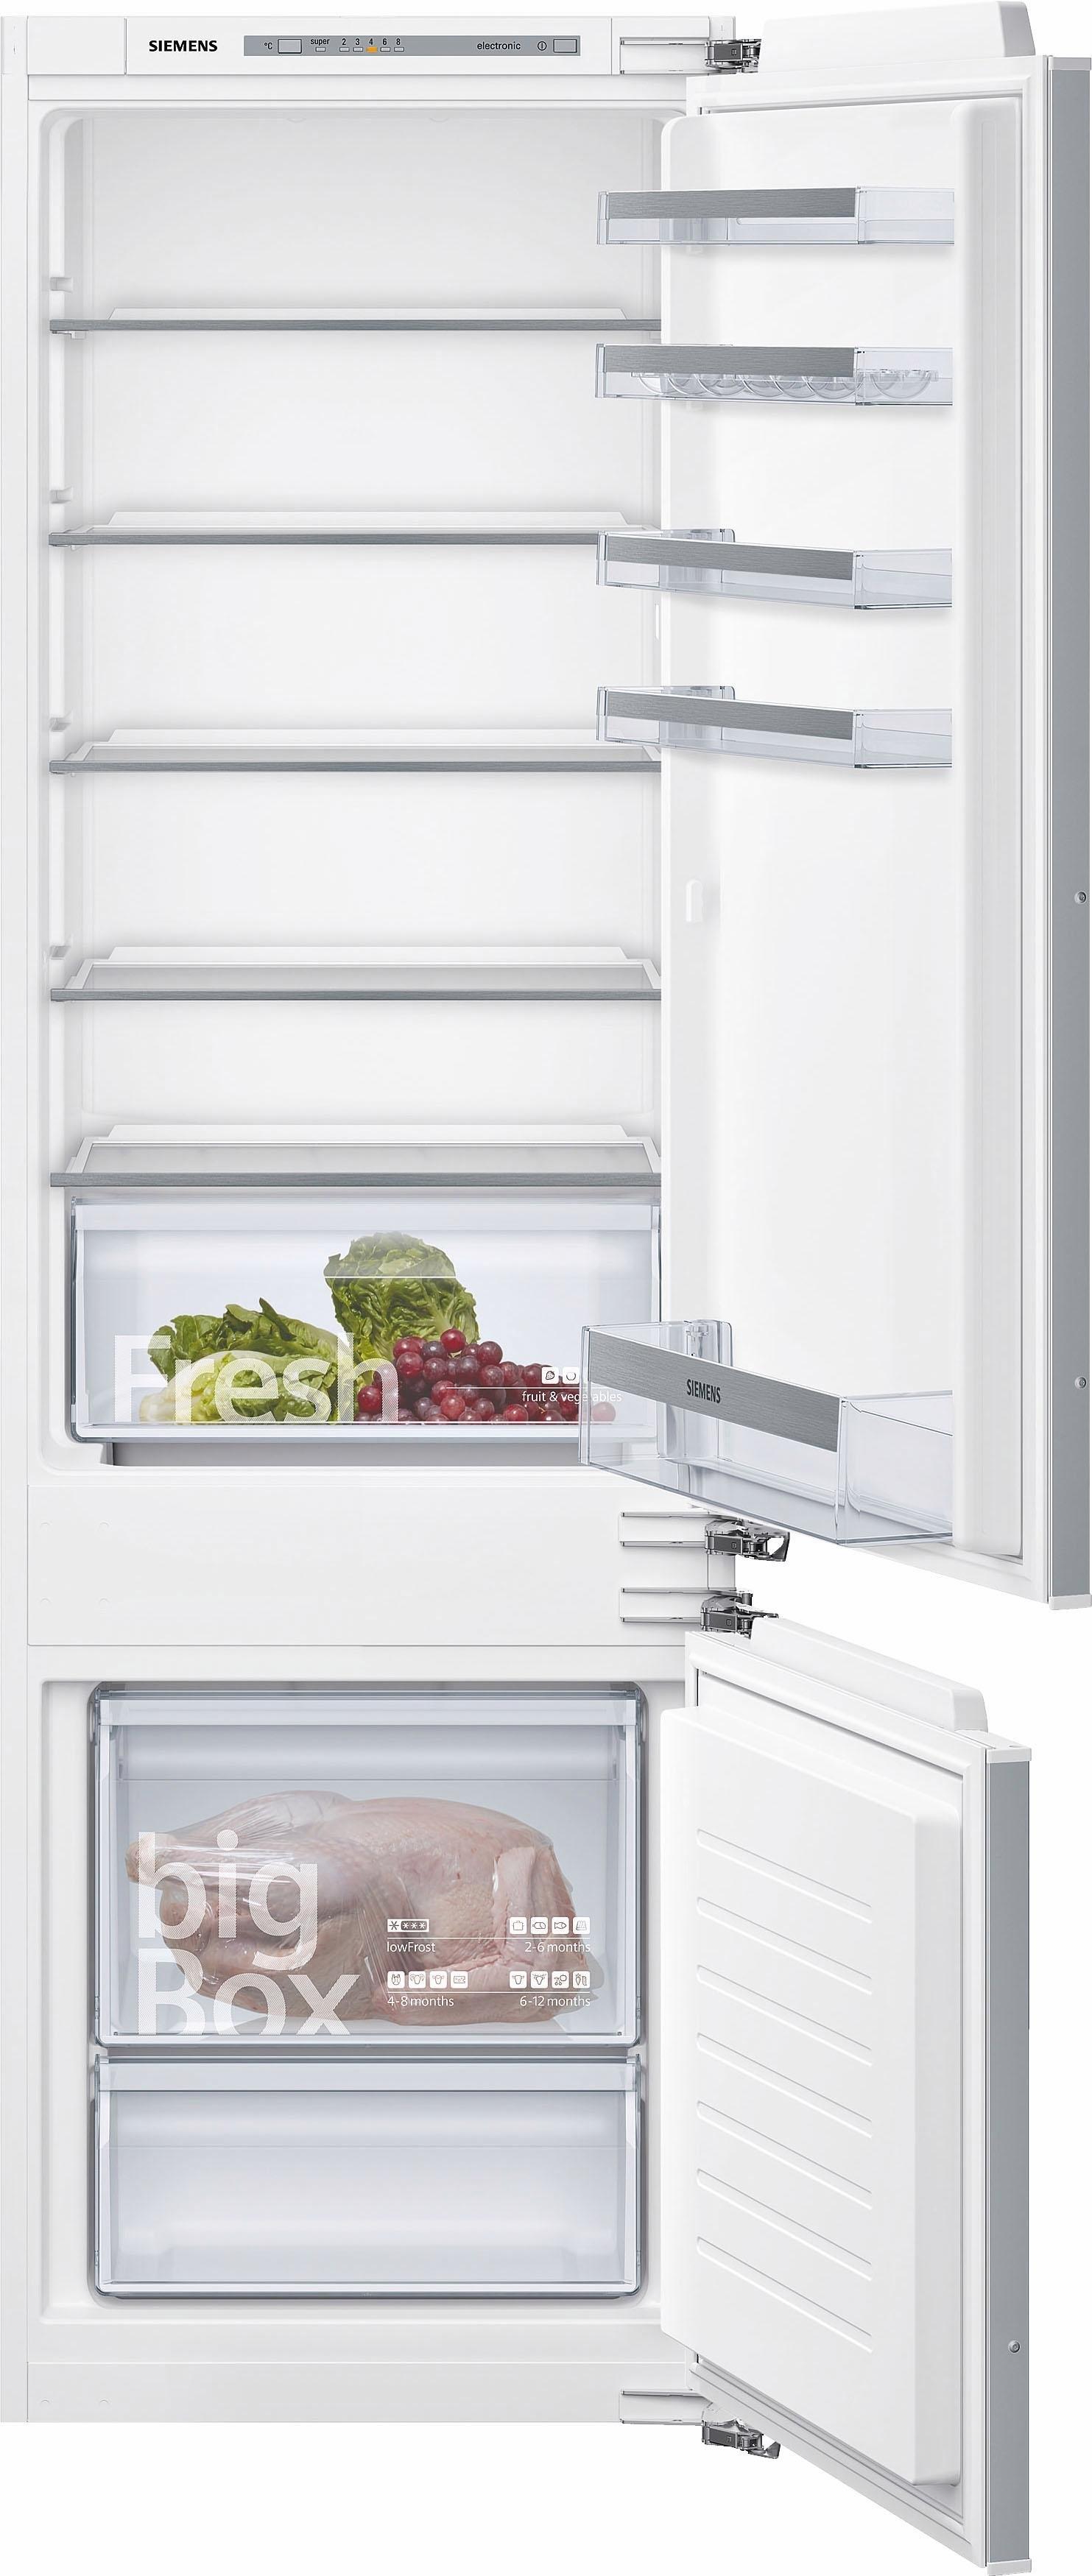 Siemens volledig integreerbare inbouw-koel-vriescombinatie KI87VVS30, A++, 177,2 cm hoog bij OTTO online kopen